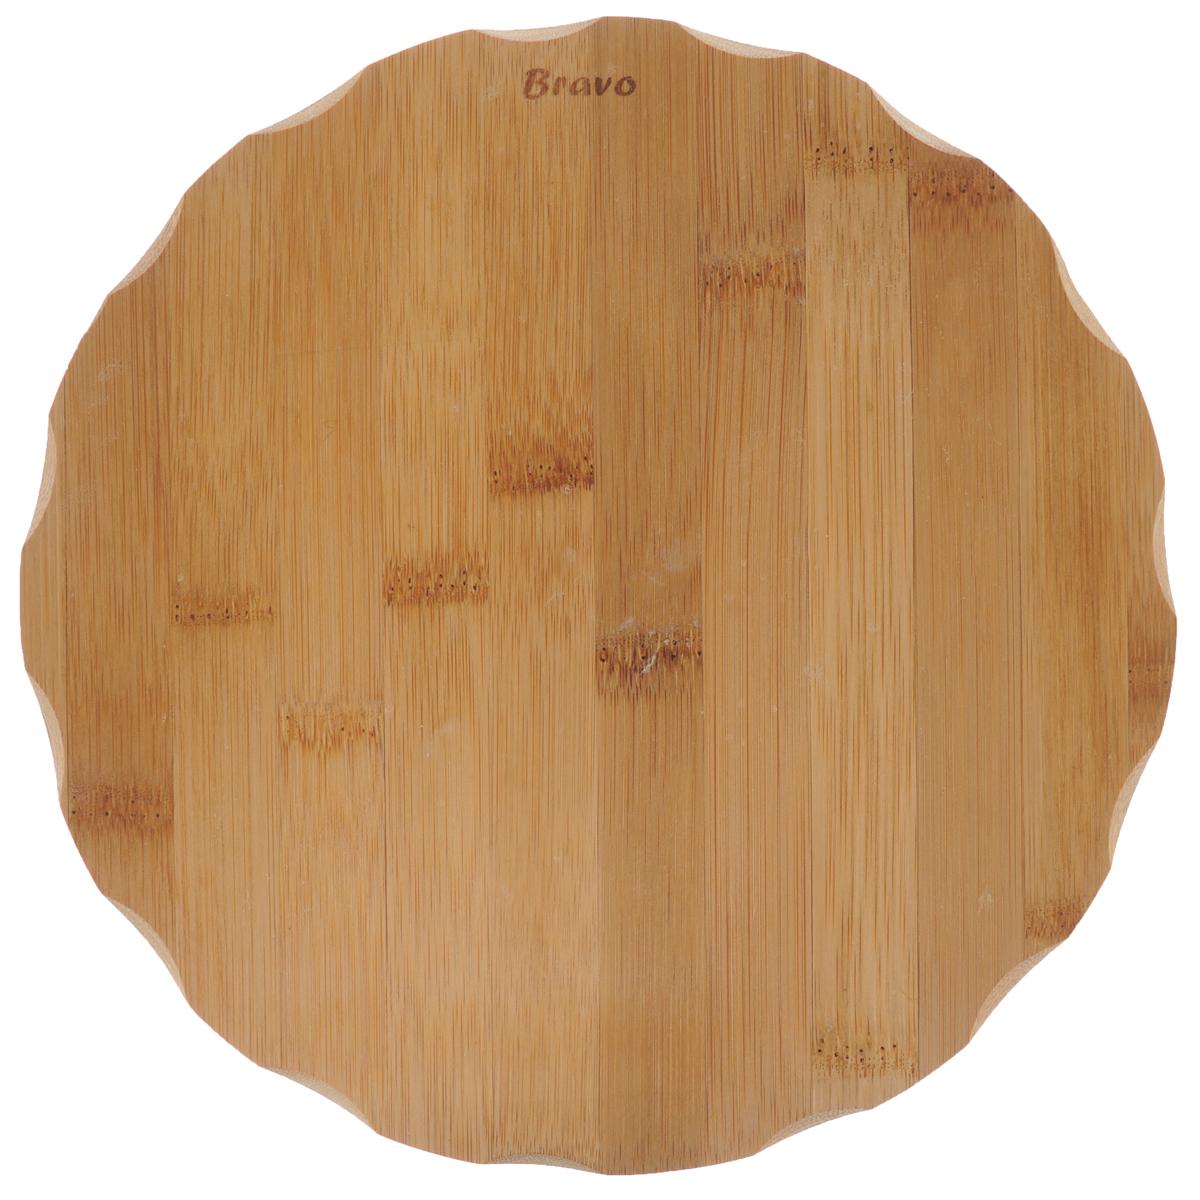 Доска разделочная Bravo, диаметр 23 см208Доска разделочная Bravo изготовлена из бамбука.Функциональная и простая в использовании, разделочная доска Bravo прекрасно впишется в интерьер любой кухни и прослужит вам долгие годы. Не рекомендуется мыть в посудомоечной машине.Диаметр доски: 23 см. Толщина доски: 1 см.